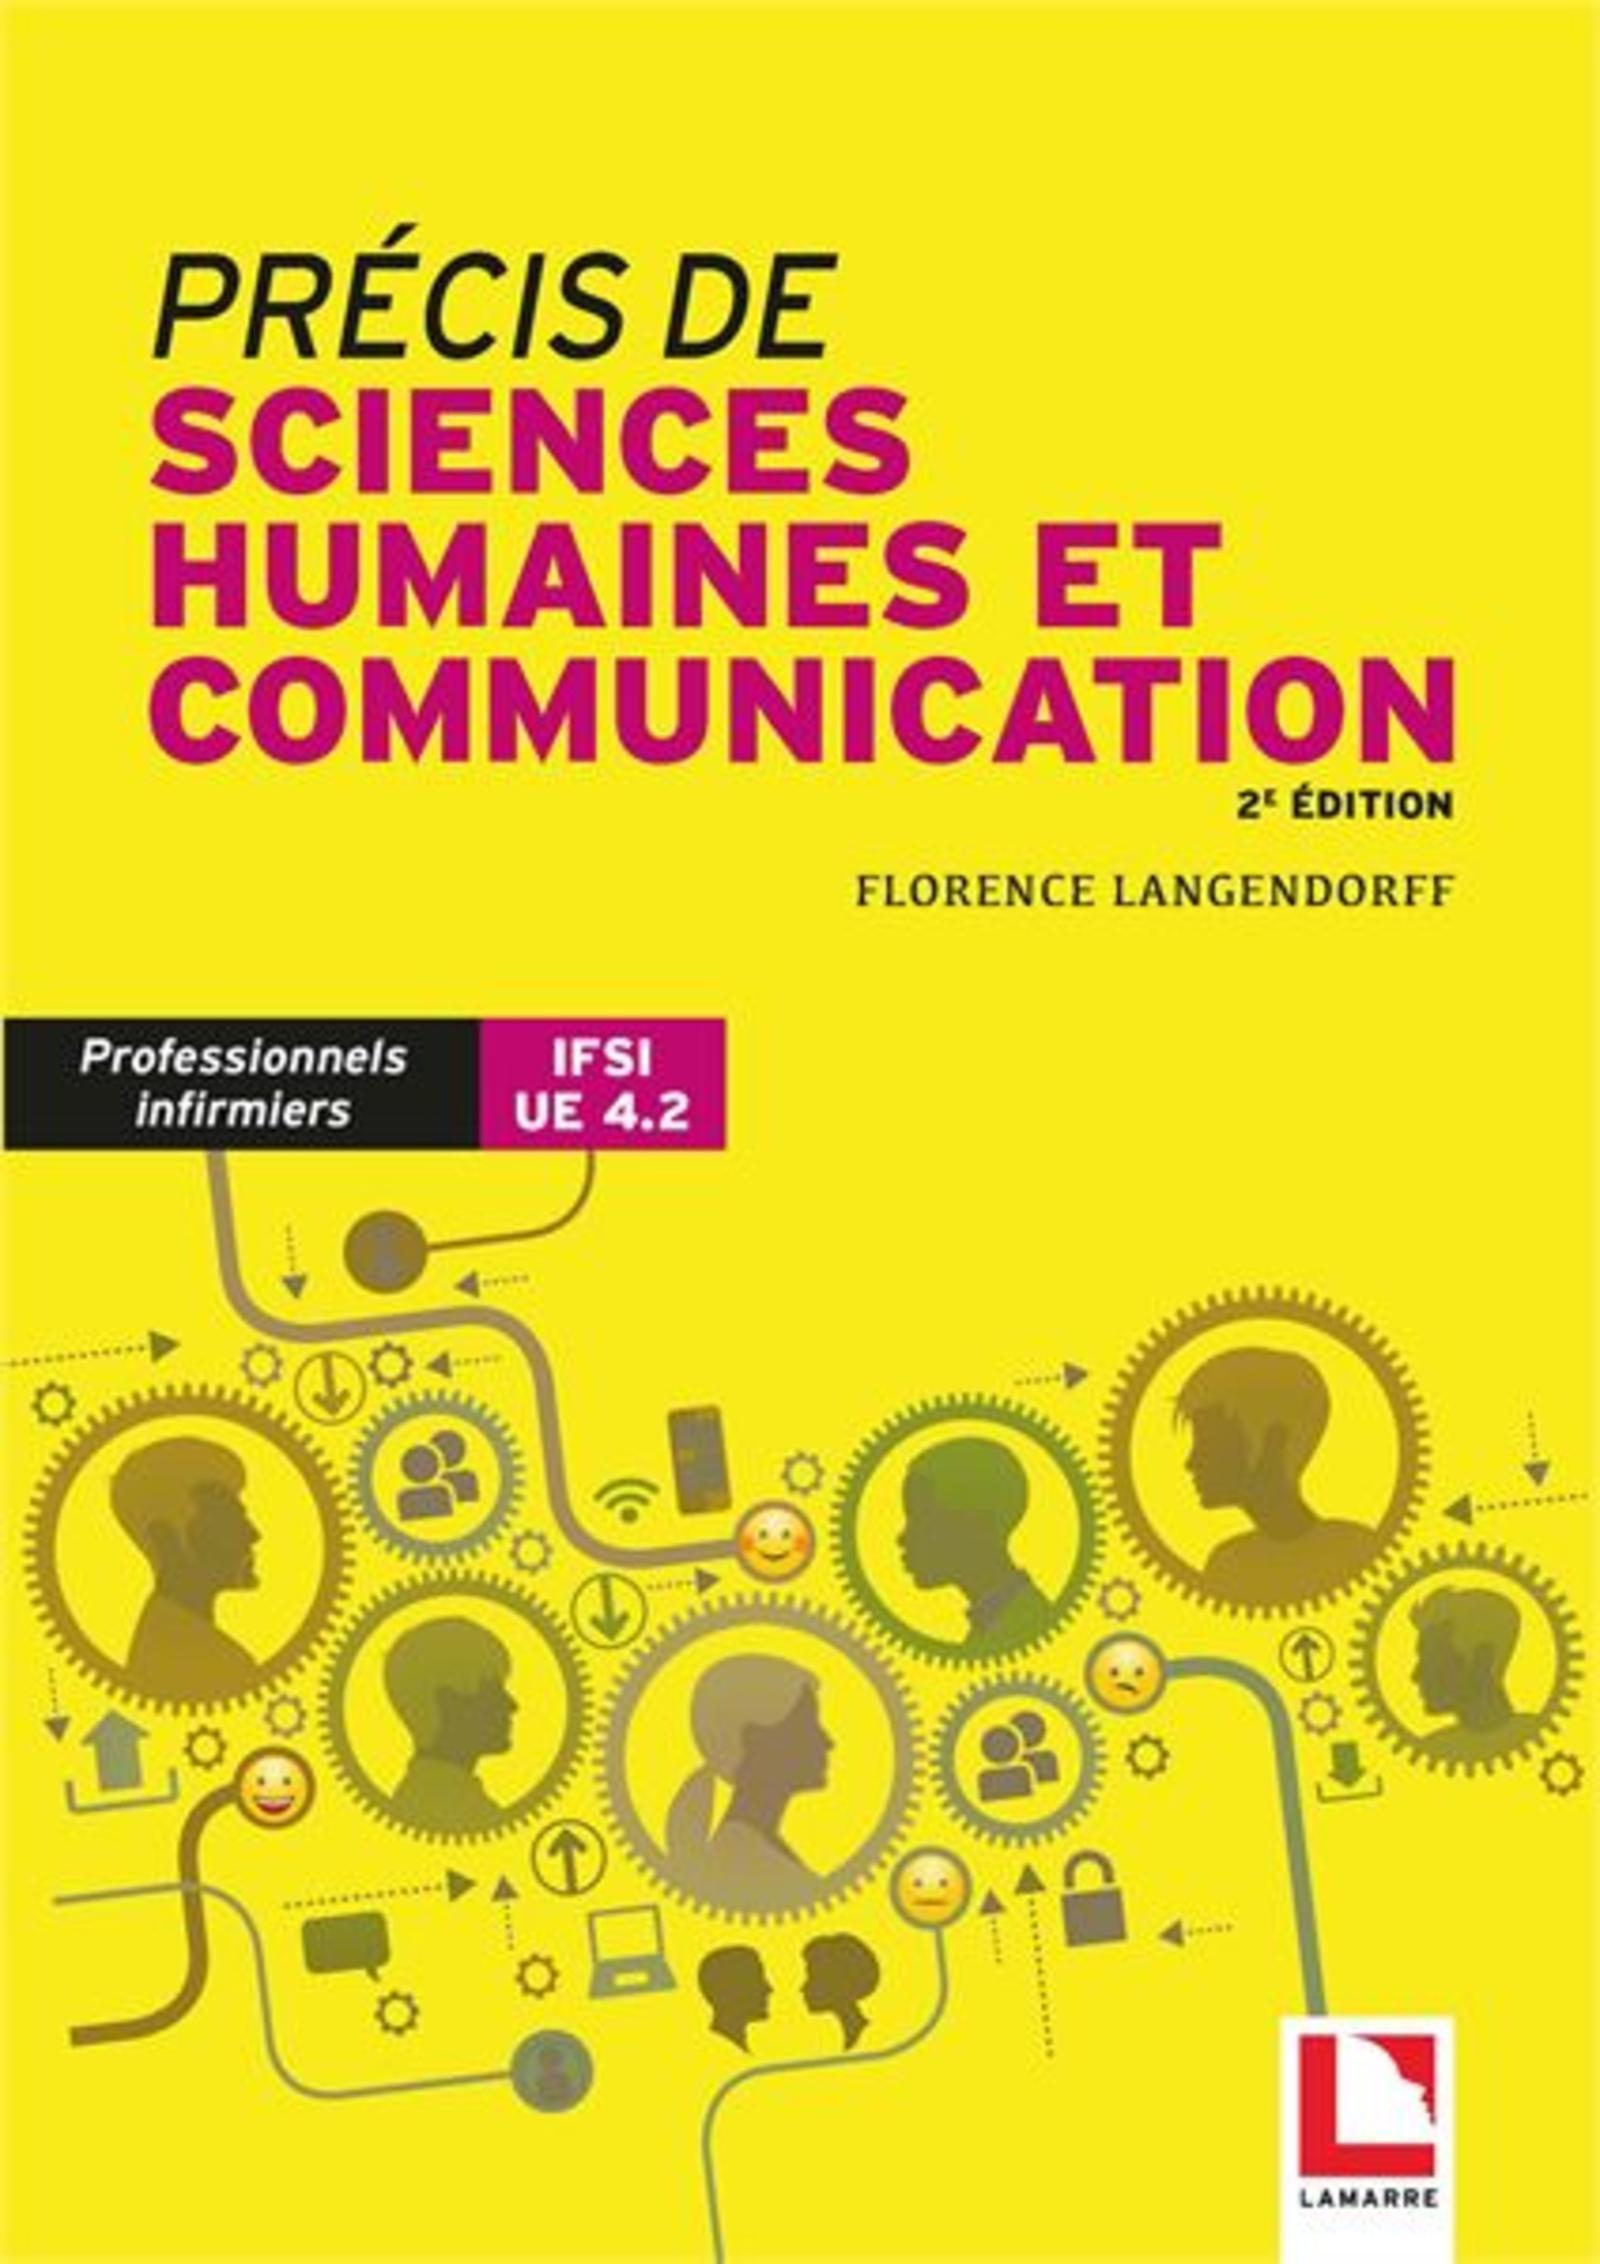 PRECIS DE SCIENCES HUMAINES ET COMMUNICATION - PROFESSIONNELS INFIRMIERS ET IFSI UE 4.2